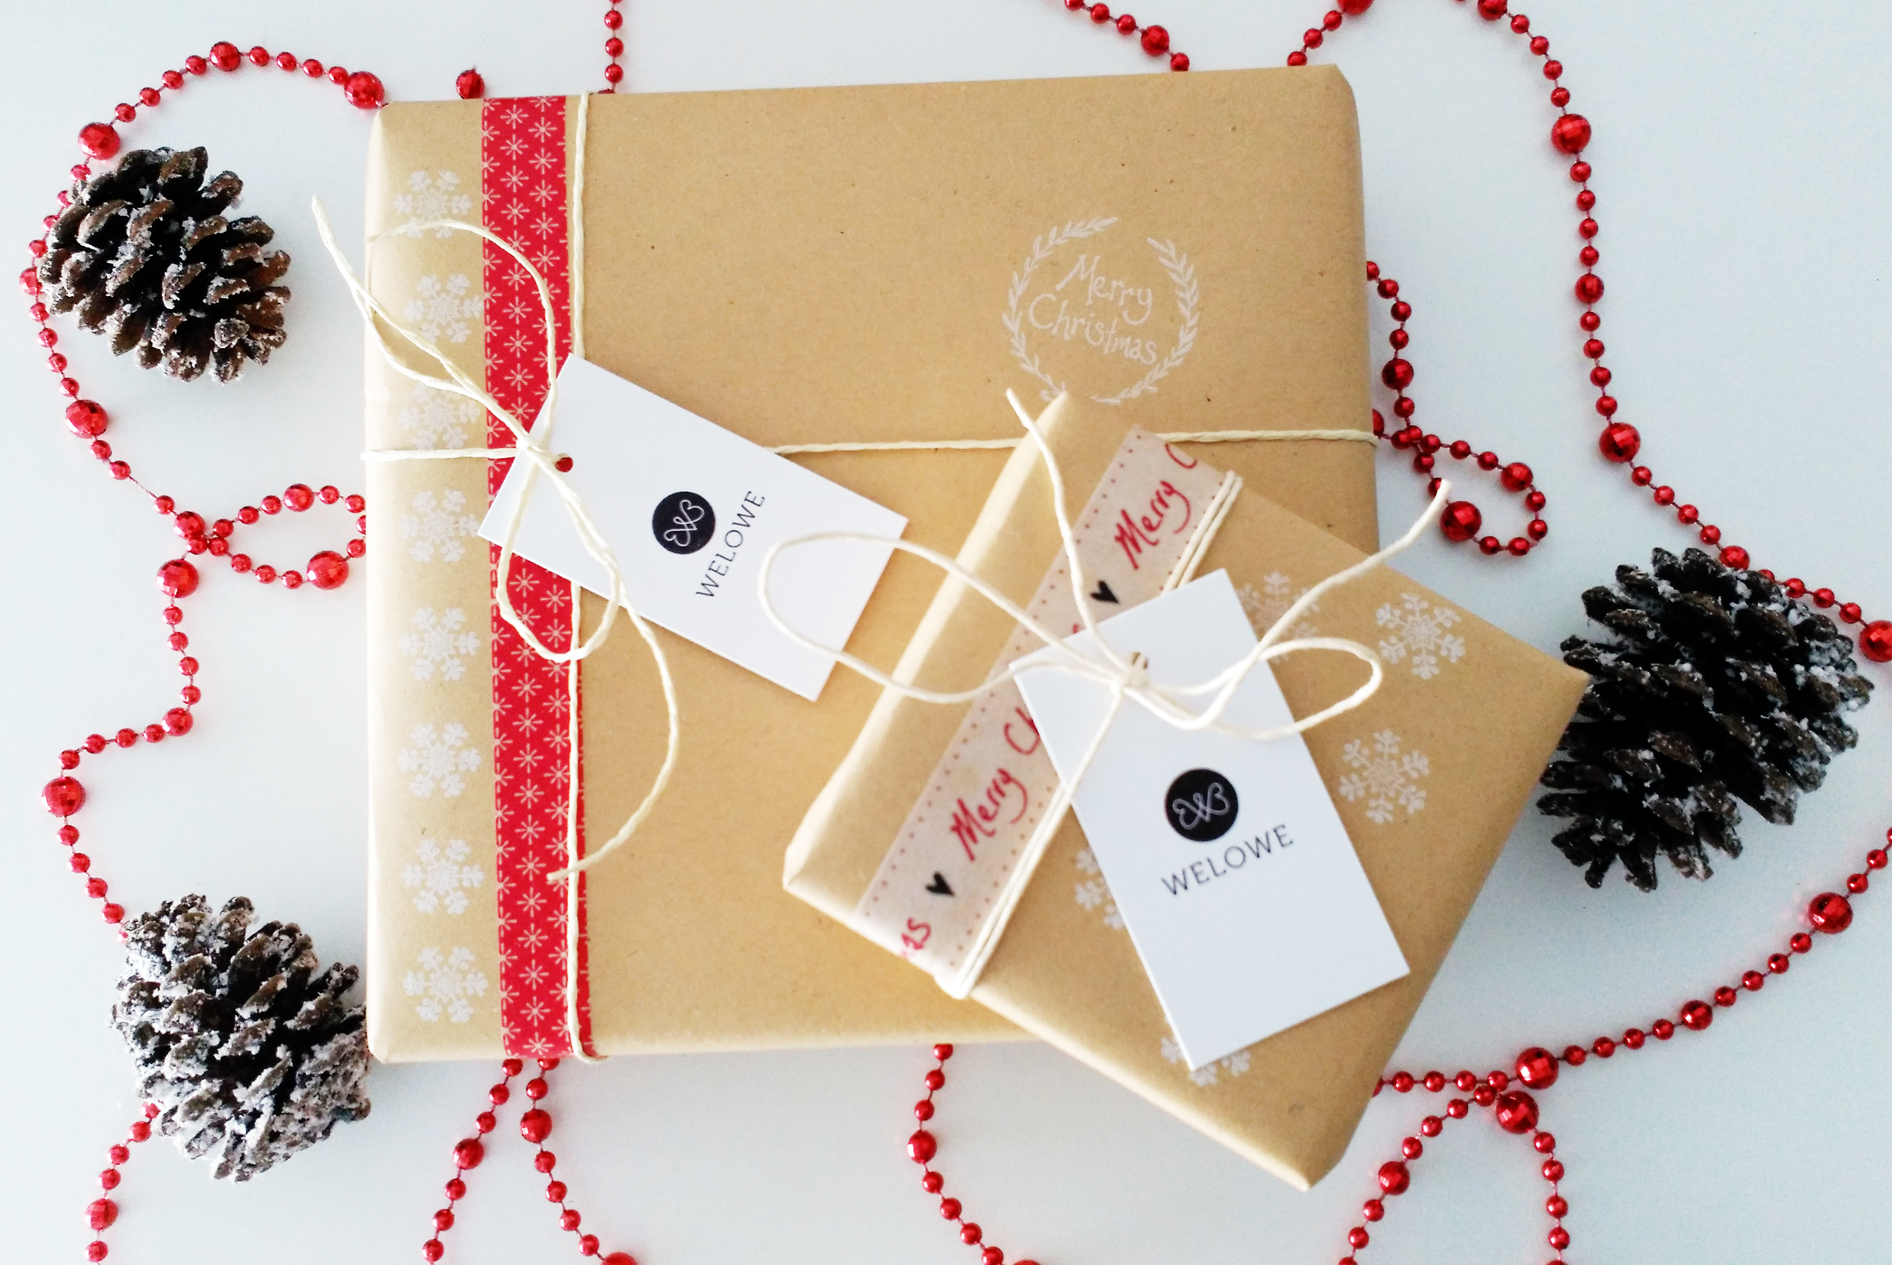 packaging Welowe Navidad